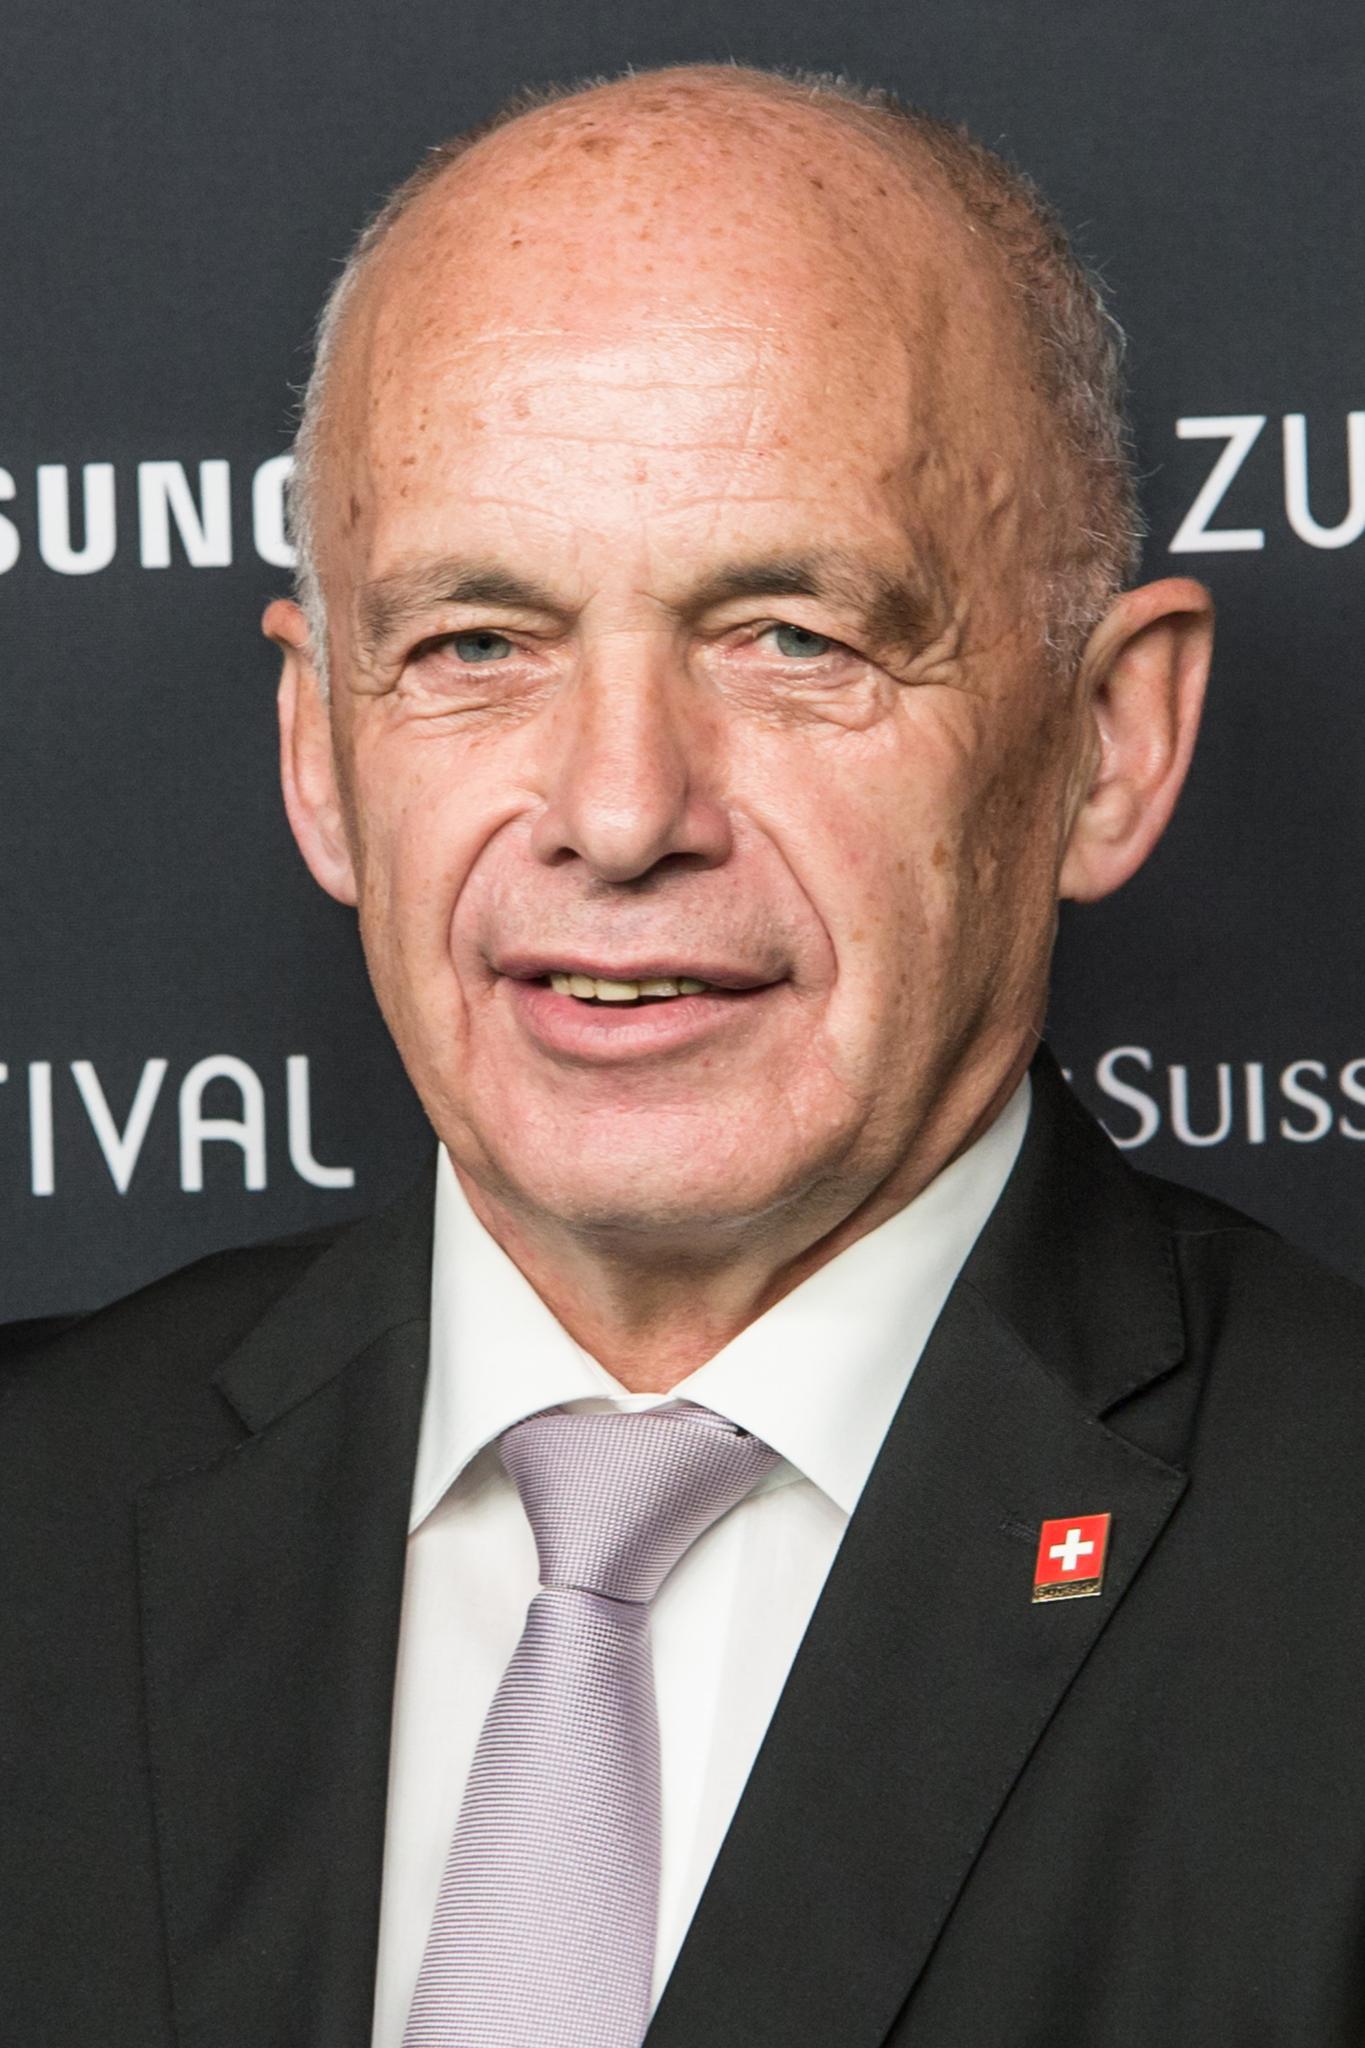 2018-09-27_14_Zürichfilmfestival (1)